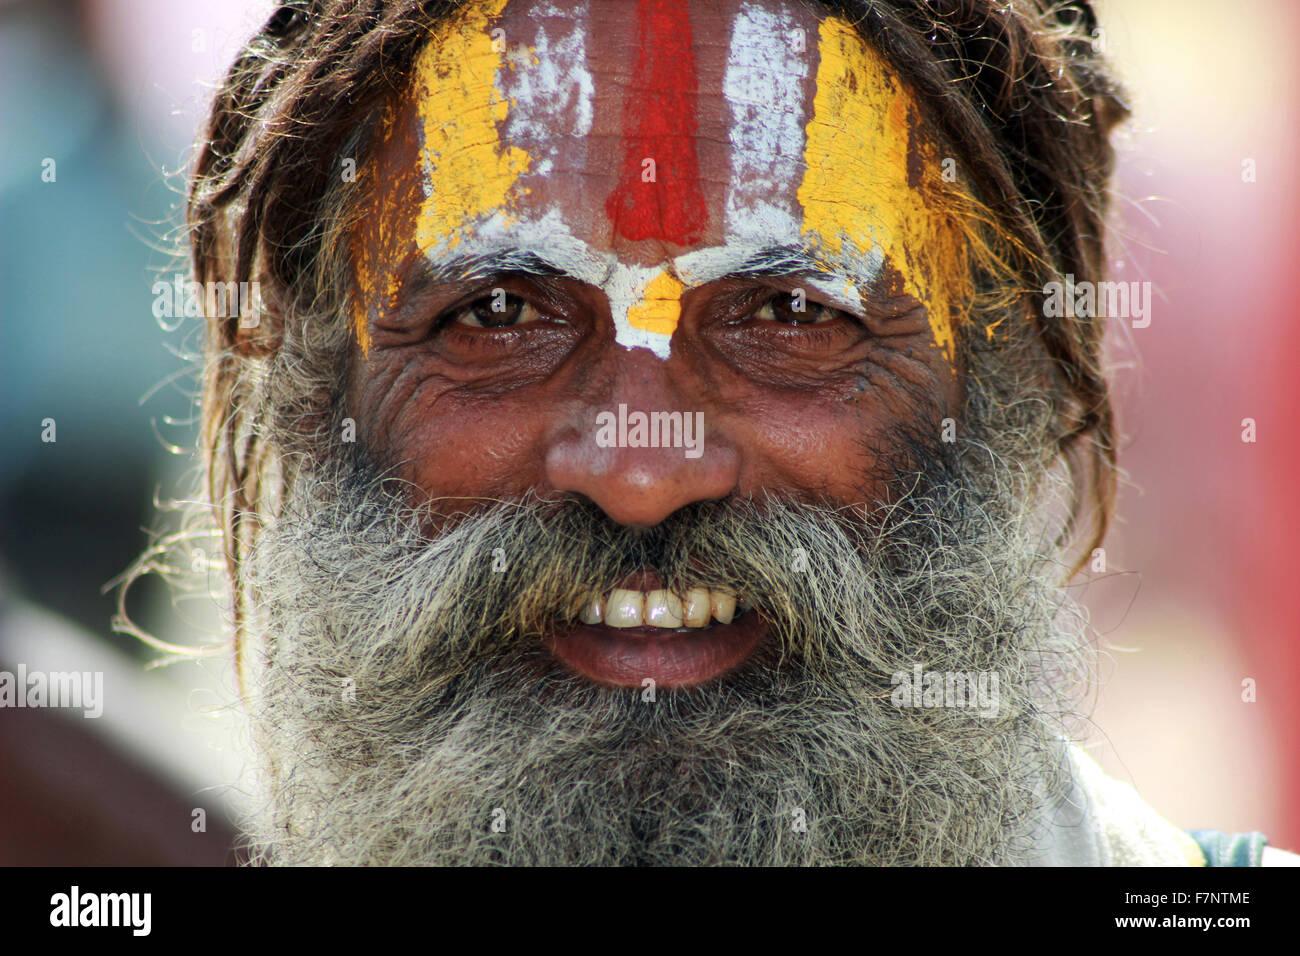 Sadhu with painted forehead closeup Kumbh Mela, Nasik, Maharashtra, India - Stock Image